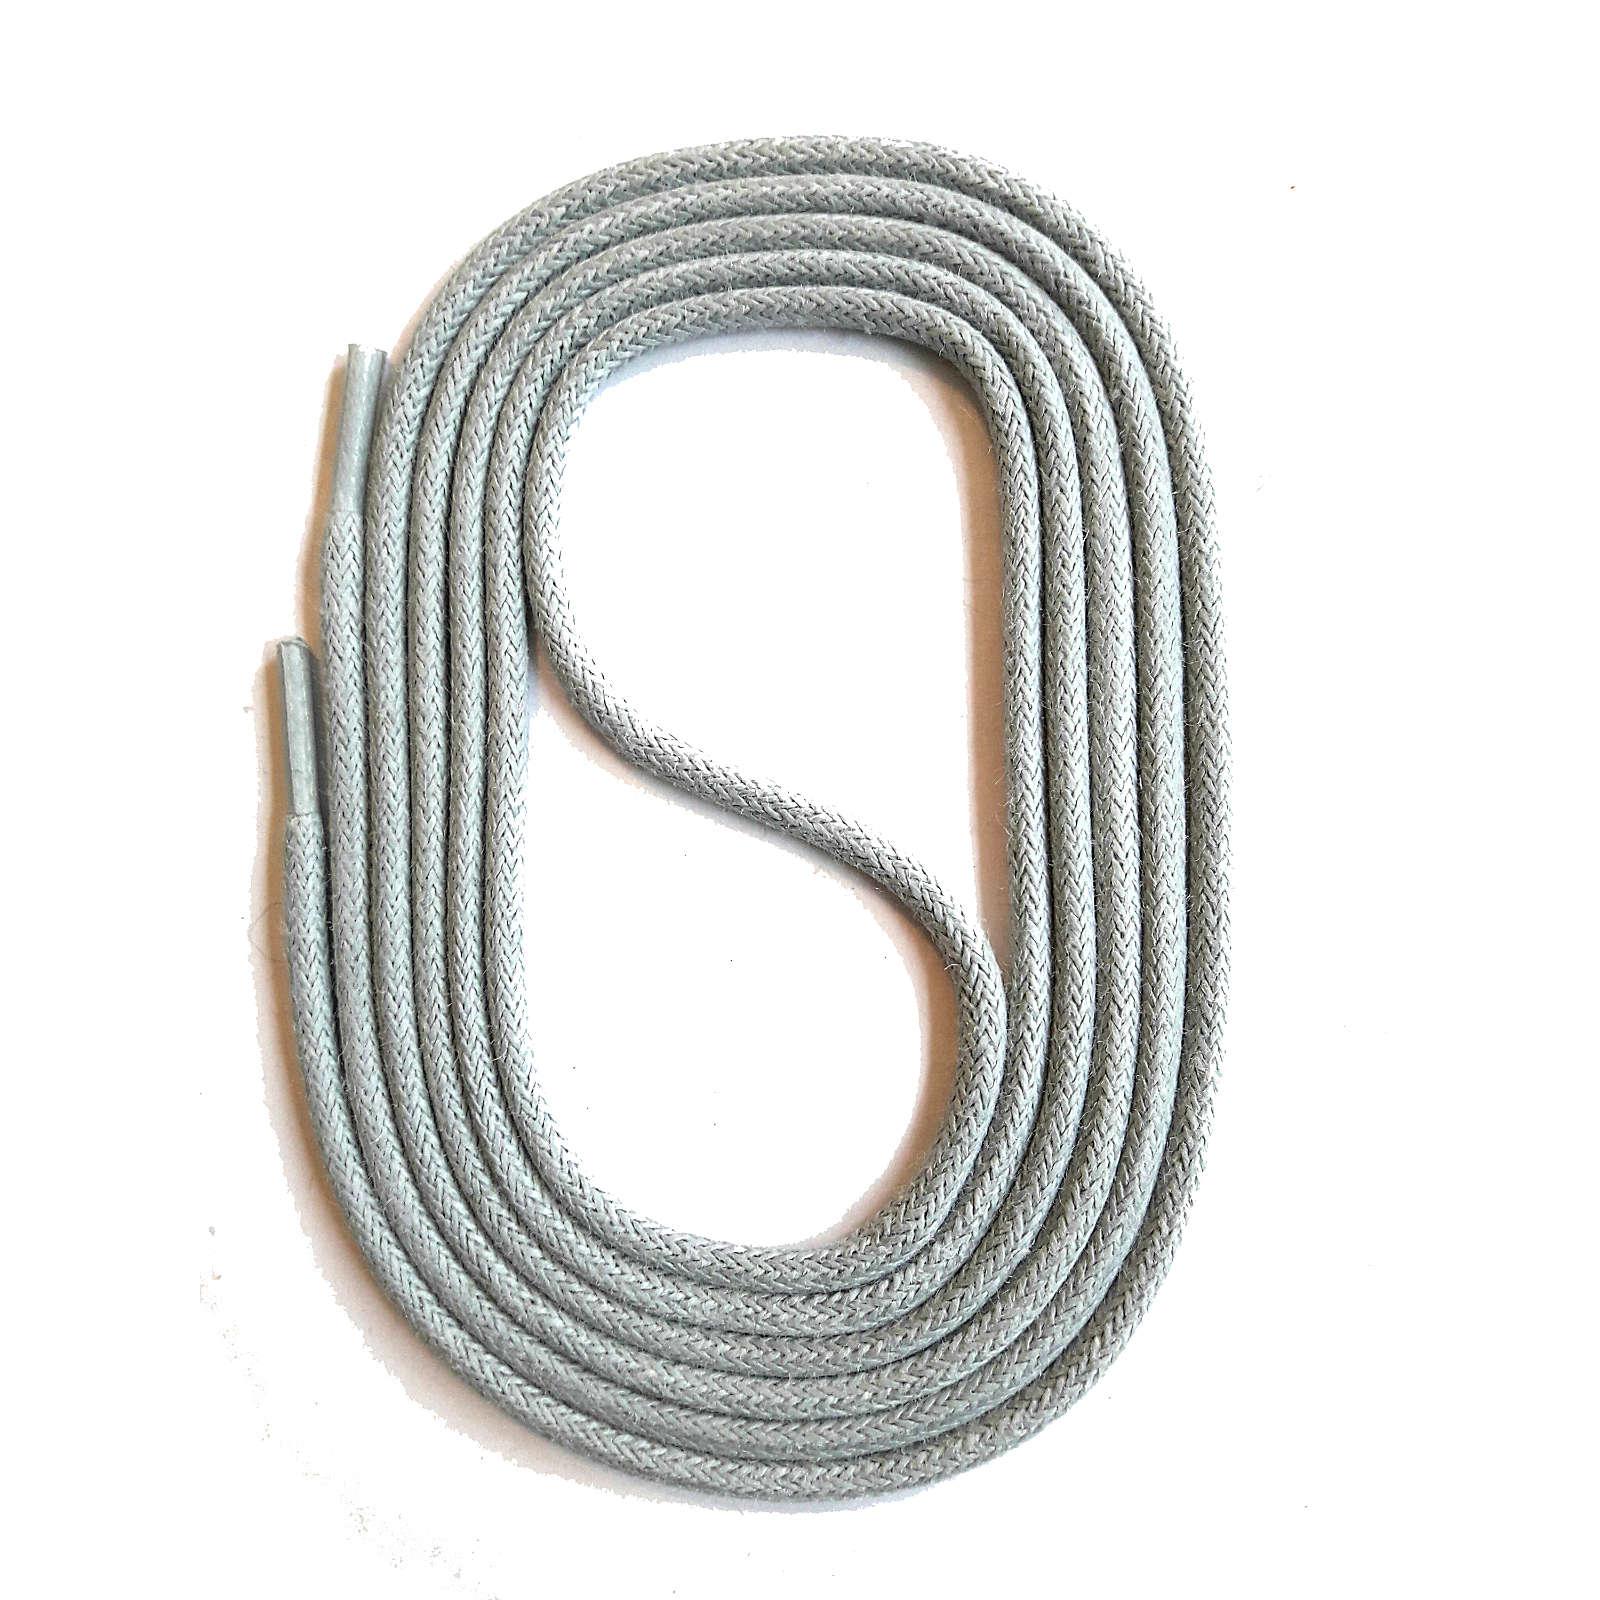 SNORS shoefriends SNORS Schnürsenkel rund natur 75-130cm, 3mm aus Baumwolle Schnürsenkel hellgrau Gr. 90